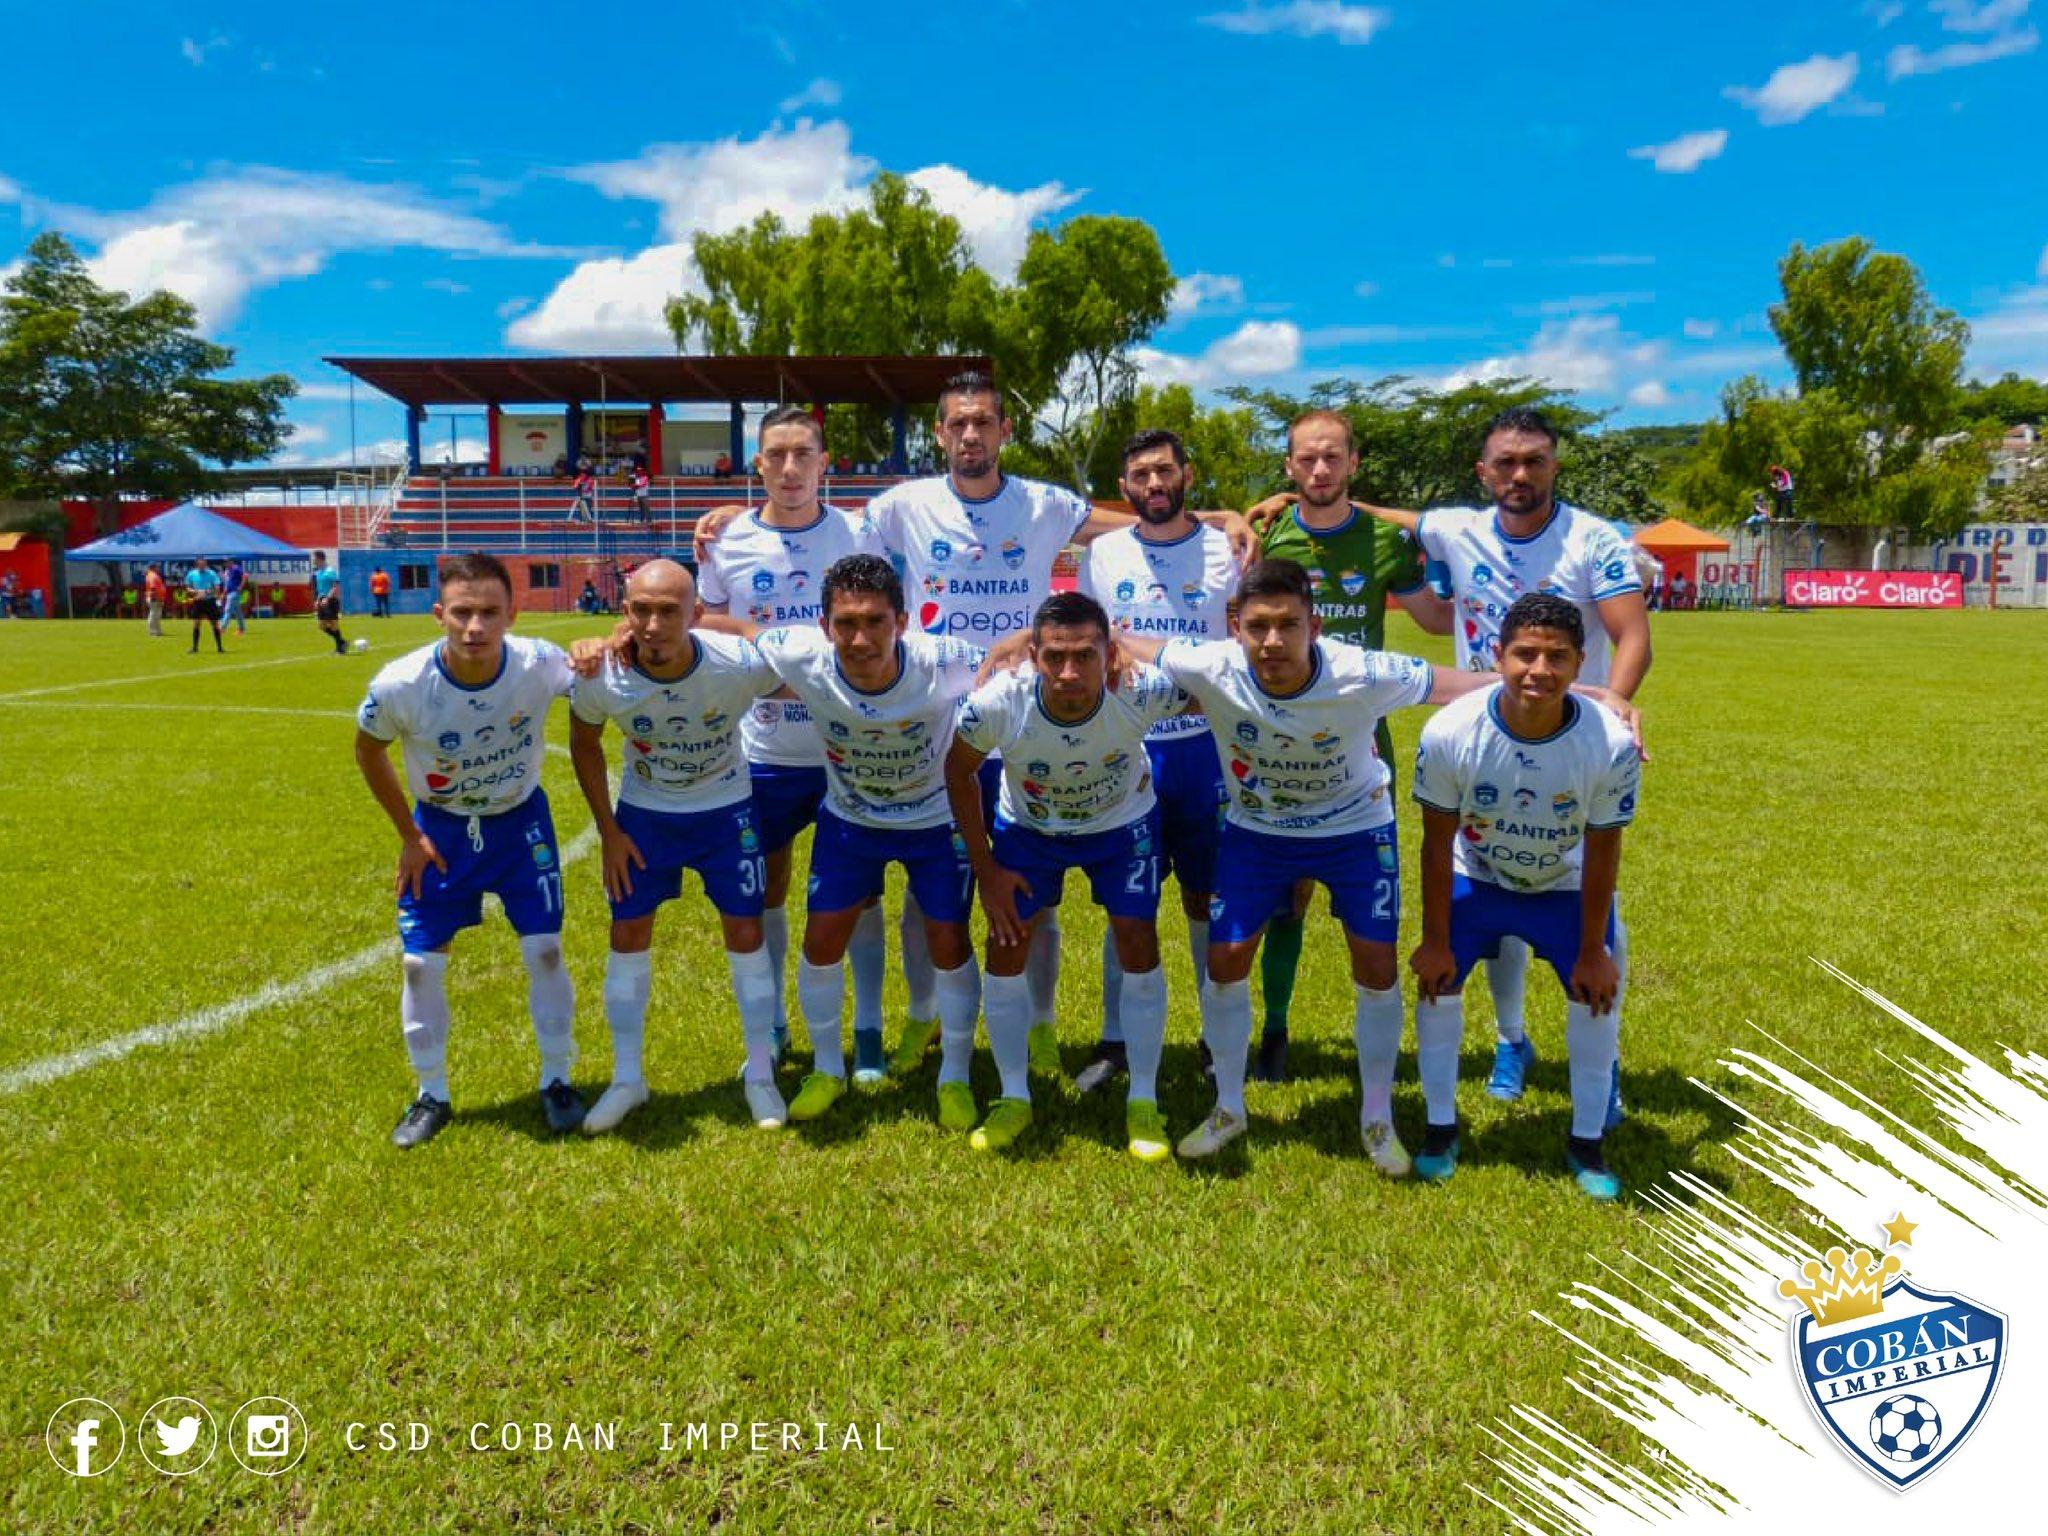 Cobán Imperial logró su primera victoria del campeonato después de superar 2-1 de visitante a Achuapa. (Foto: Cobán Imperial)